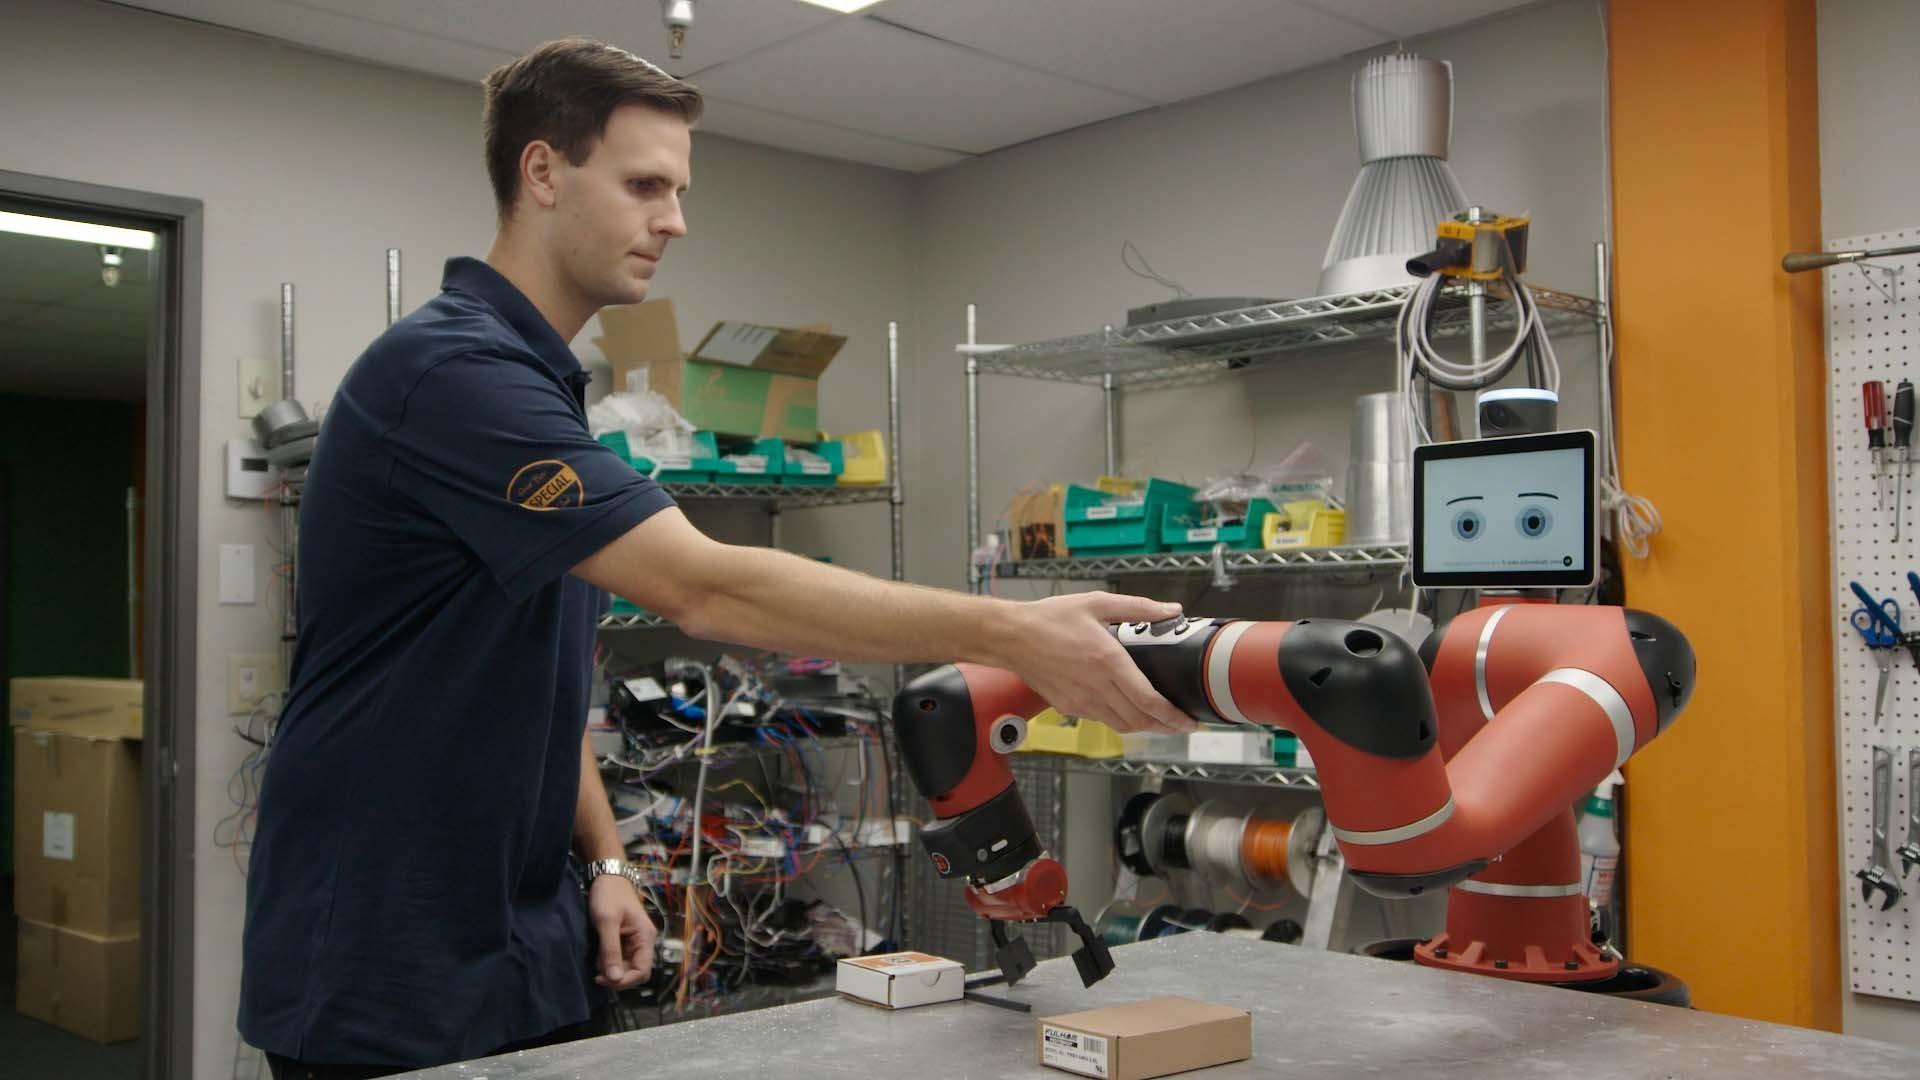 """Sawyer助力照明企业打造""""黑灯工厂""""  部署协作机器人速度提升1200%"""